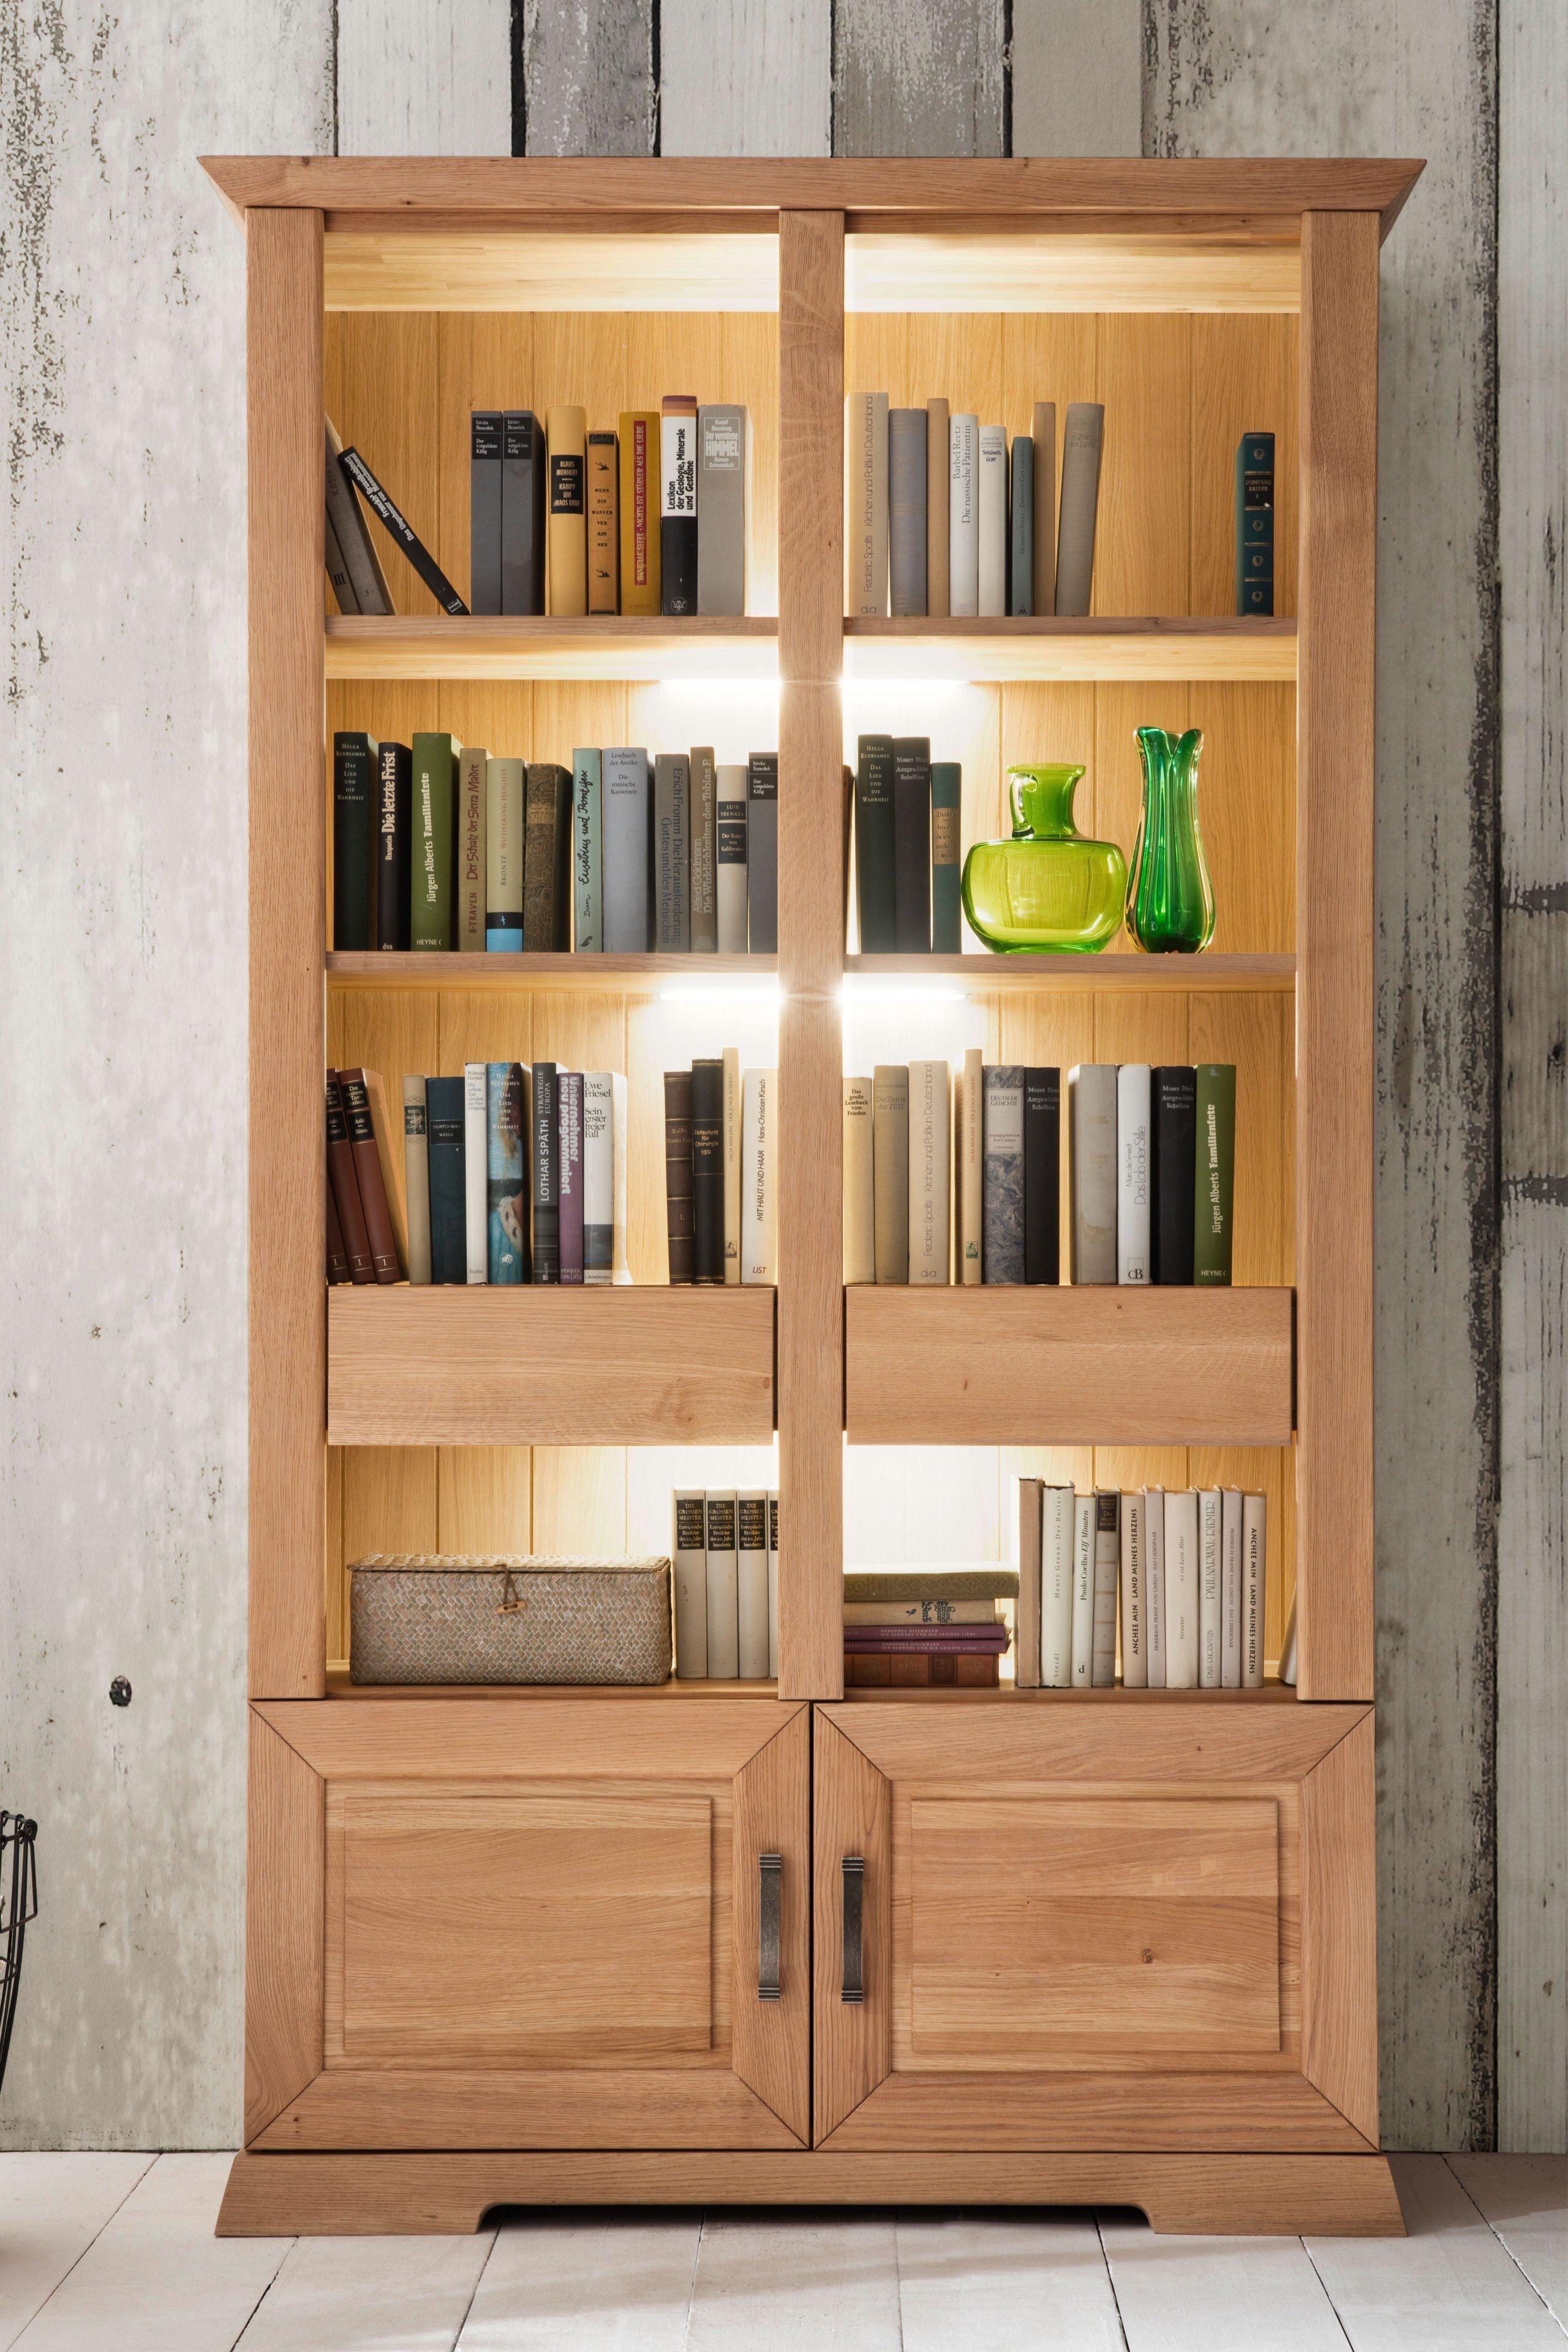 Exceptional Einfache Dekoration Und Mobel Die Heimbibliothek Mit Dem Gewissen Extra #7: Aida Von Quadrato - Bibliothek Wildeiche